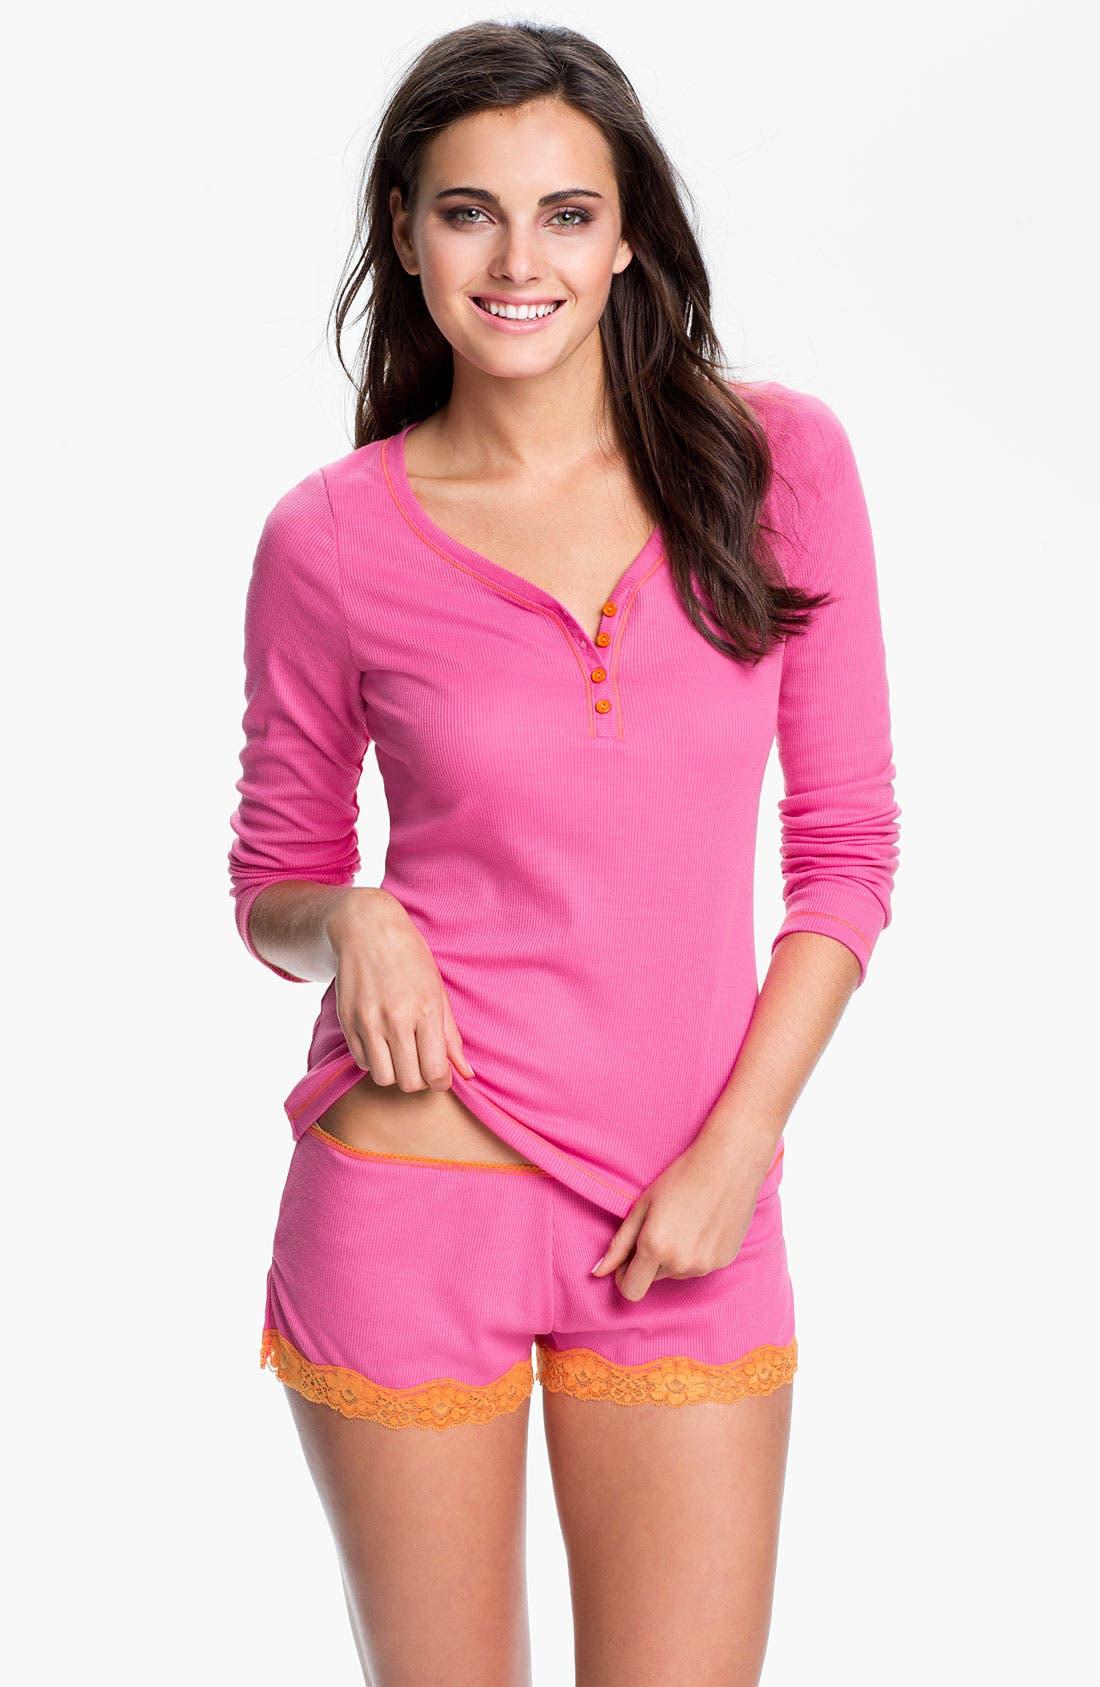 Alternate Image 1 Selected - Honeydew Intimates Contrast Trim Pajamas